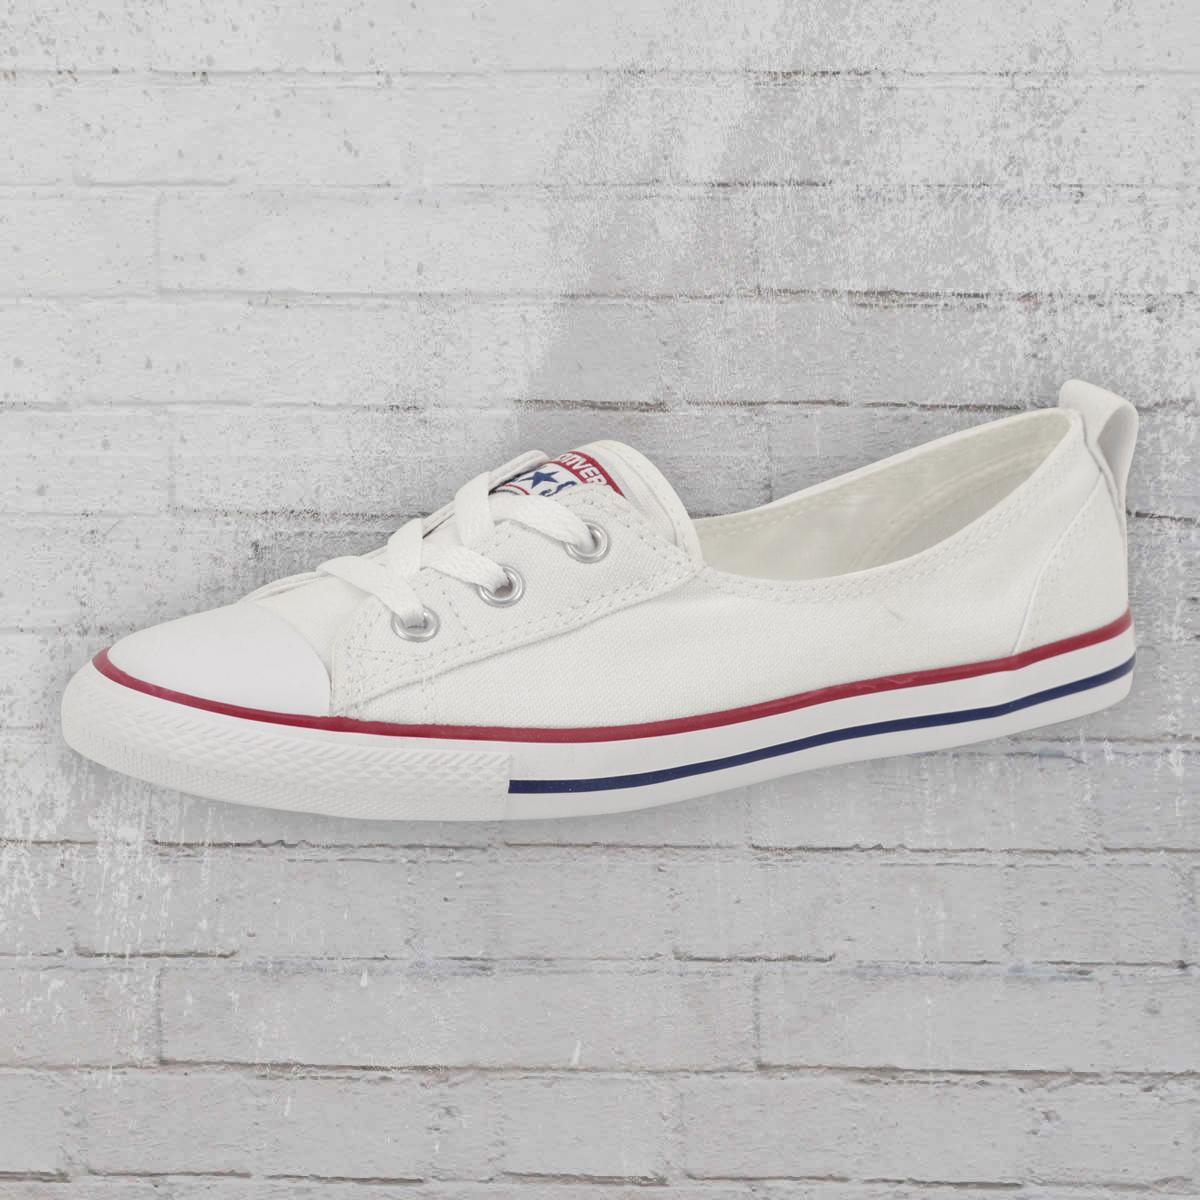 80cb4a8ac3d7 Converse Women CT Ballet Lace 549397 C Shoes Ballerina white